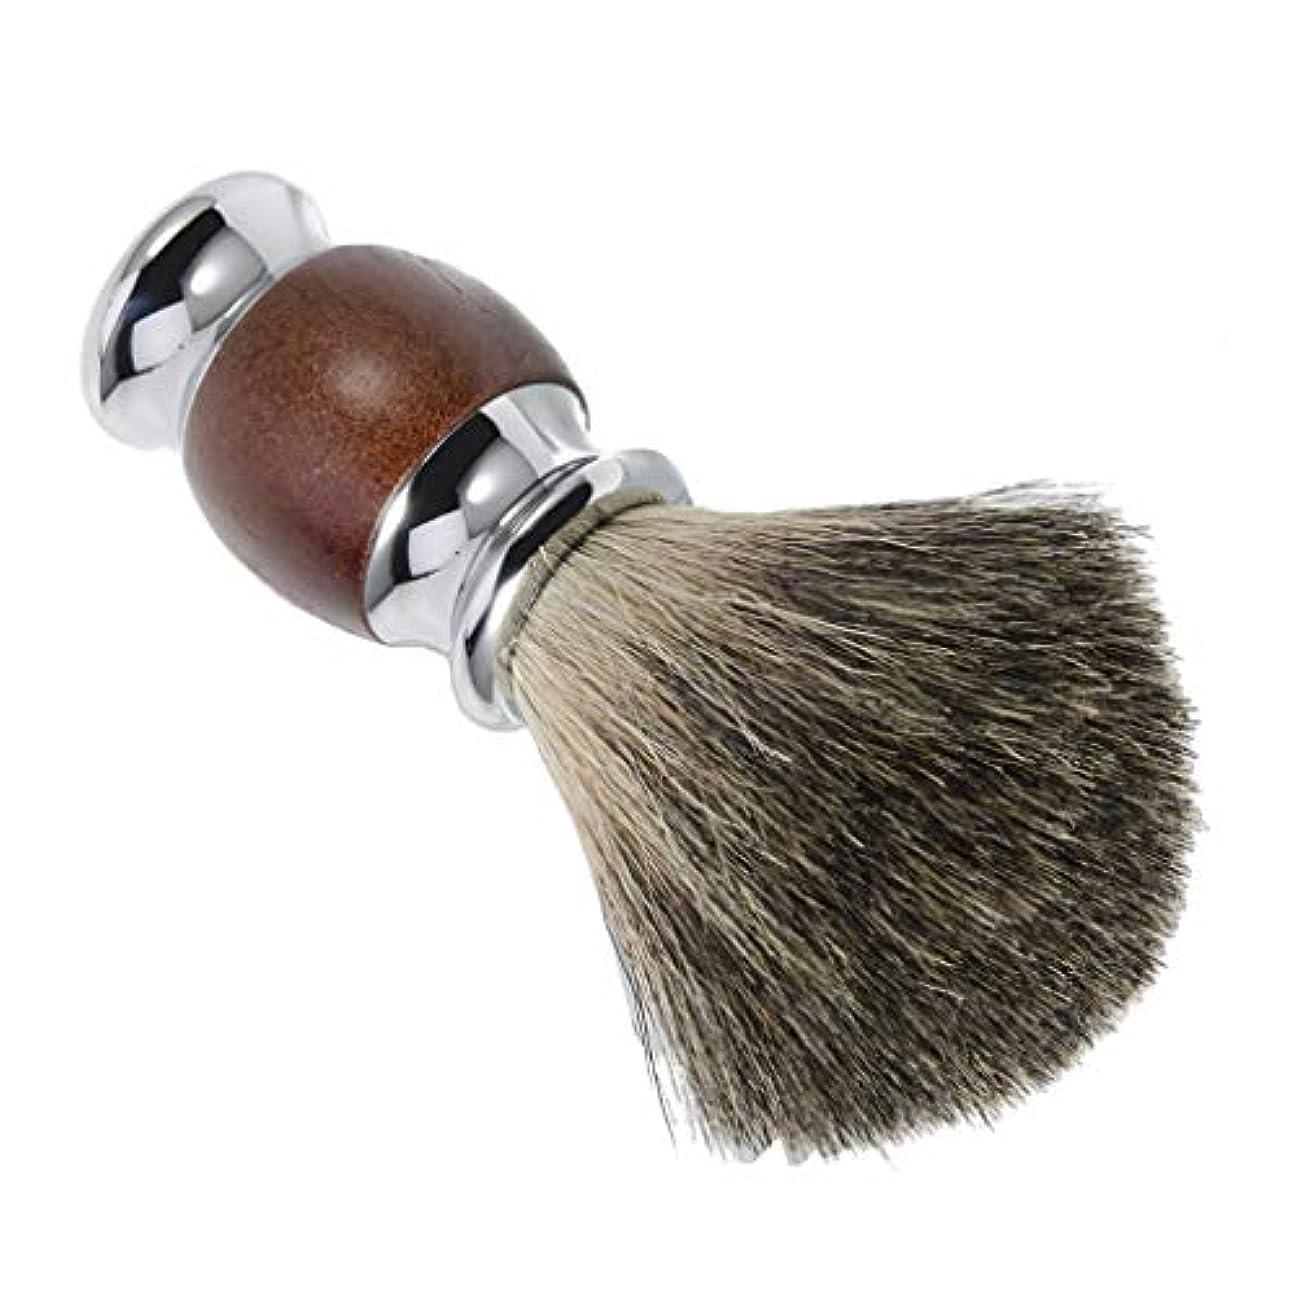 のぞき見教育する確立しますシェービング用ブラシ 木製ハンドル メンズ 理容 洗顔 髭剃り 泡立ち 贈り物